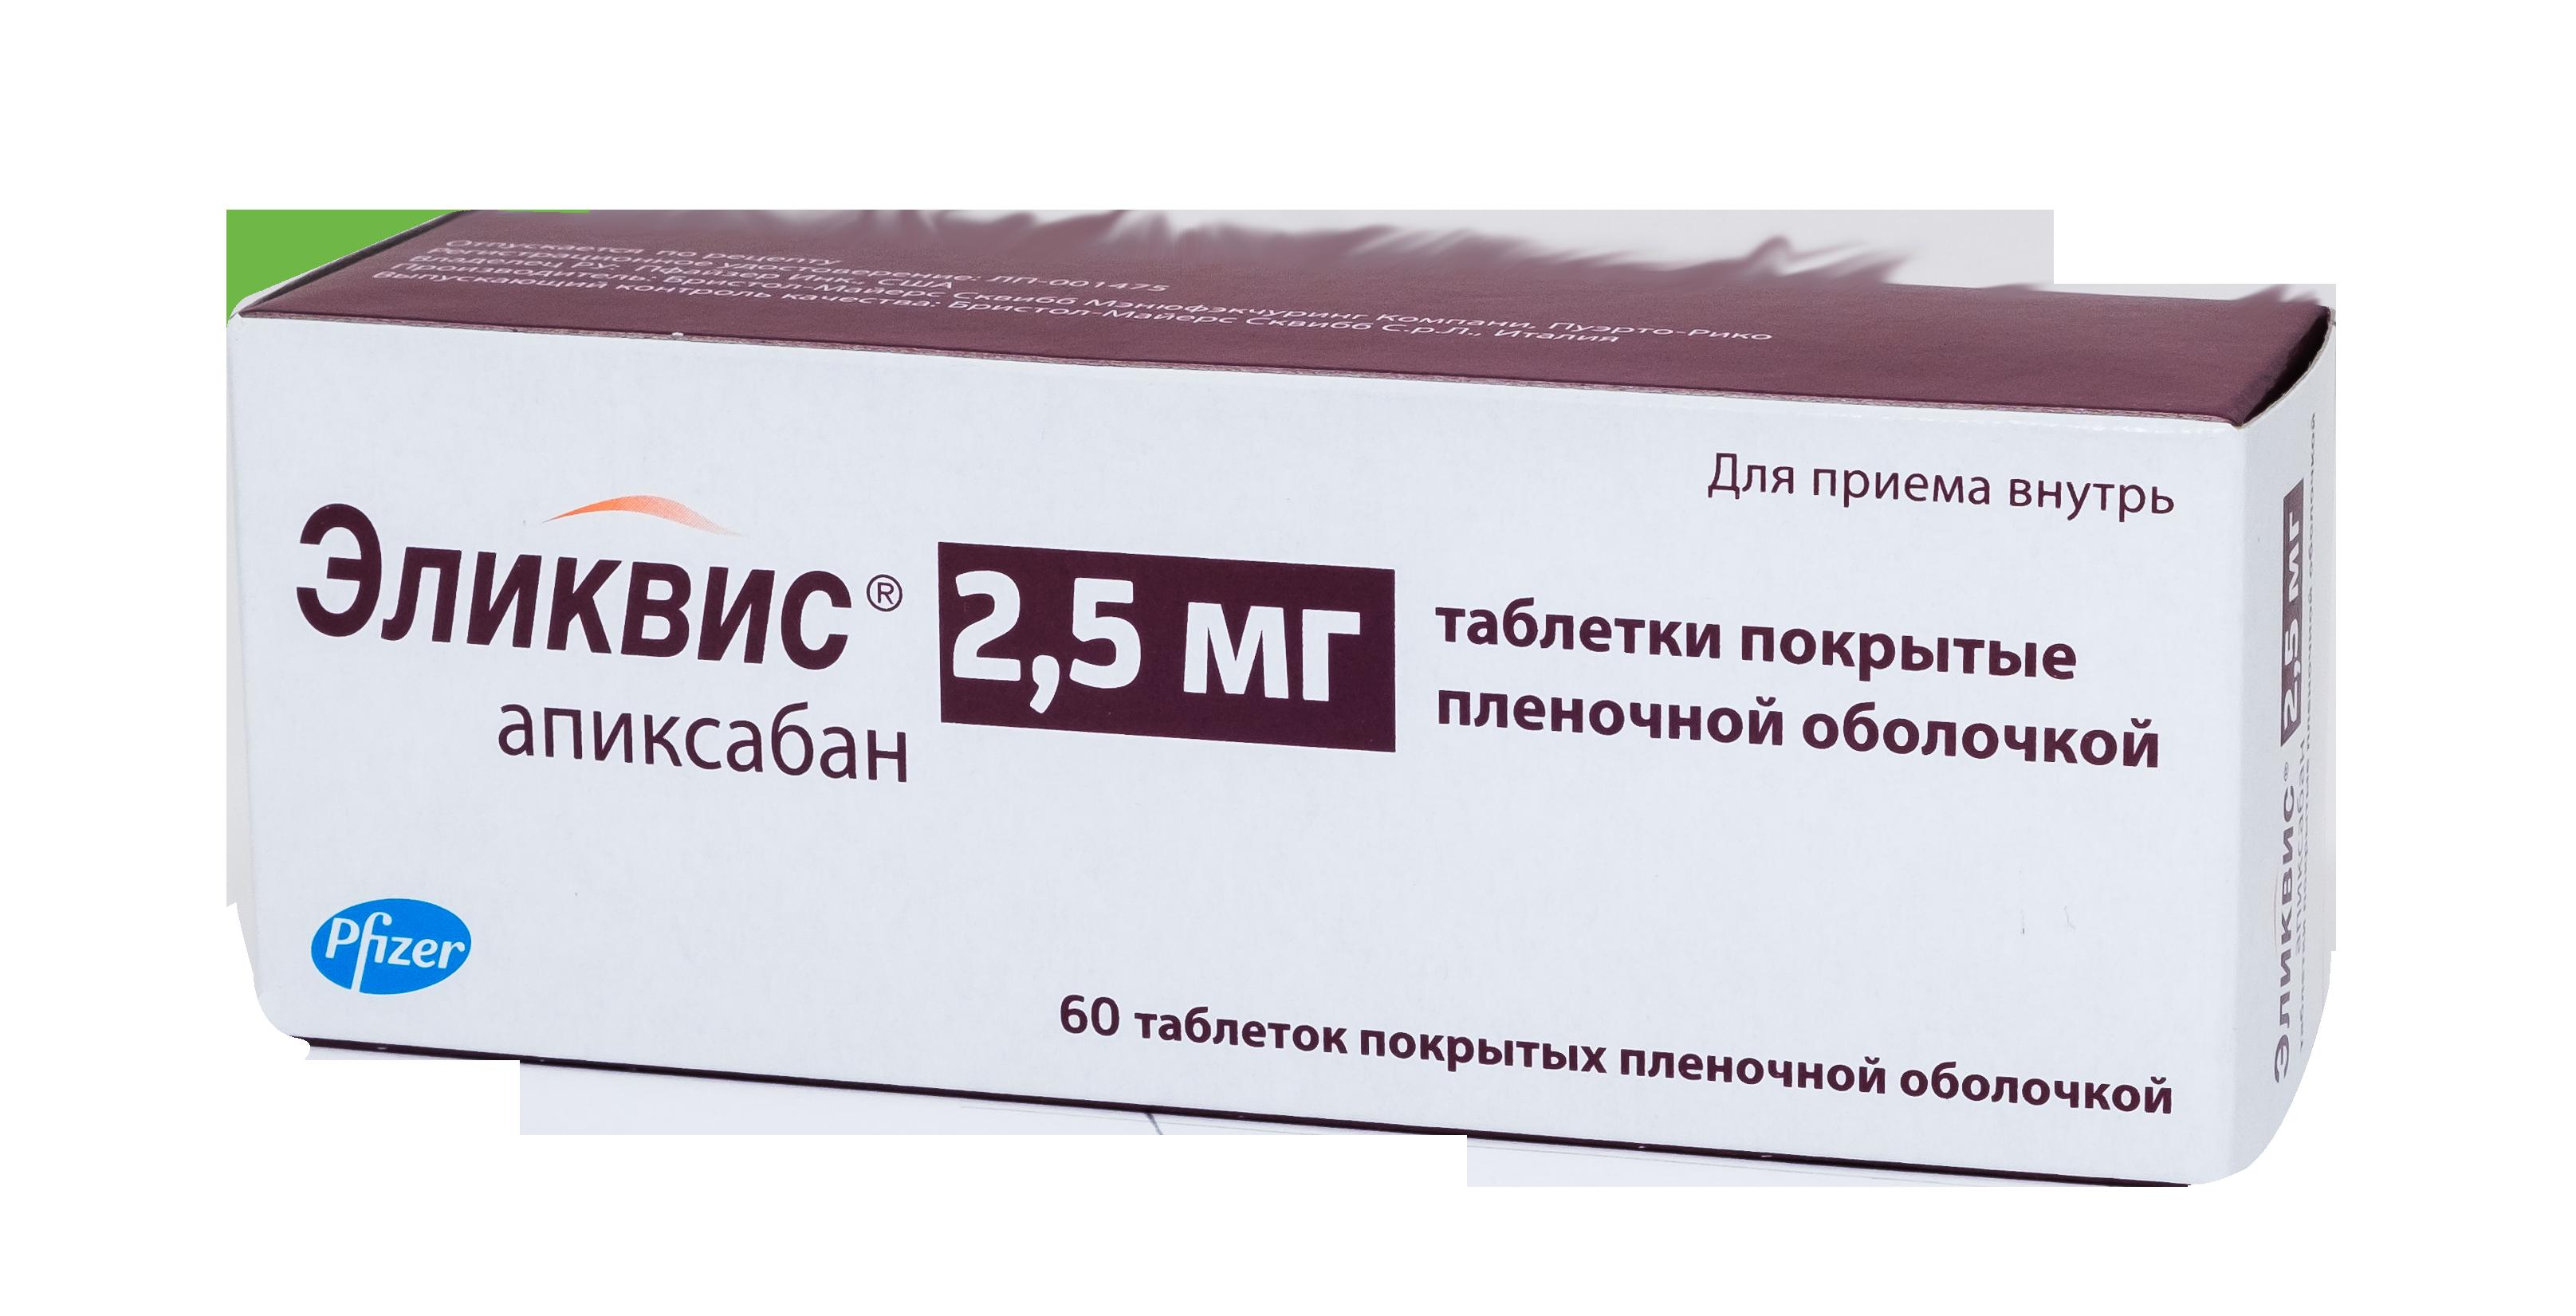 Аналоги препарата улькавис: структурные и функциональные заменители